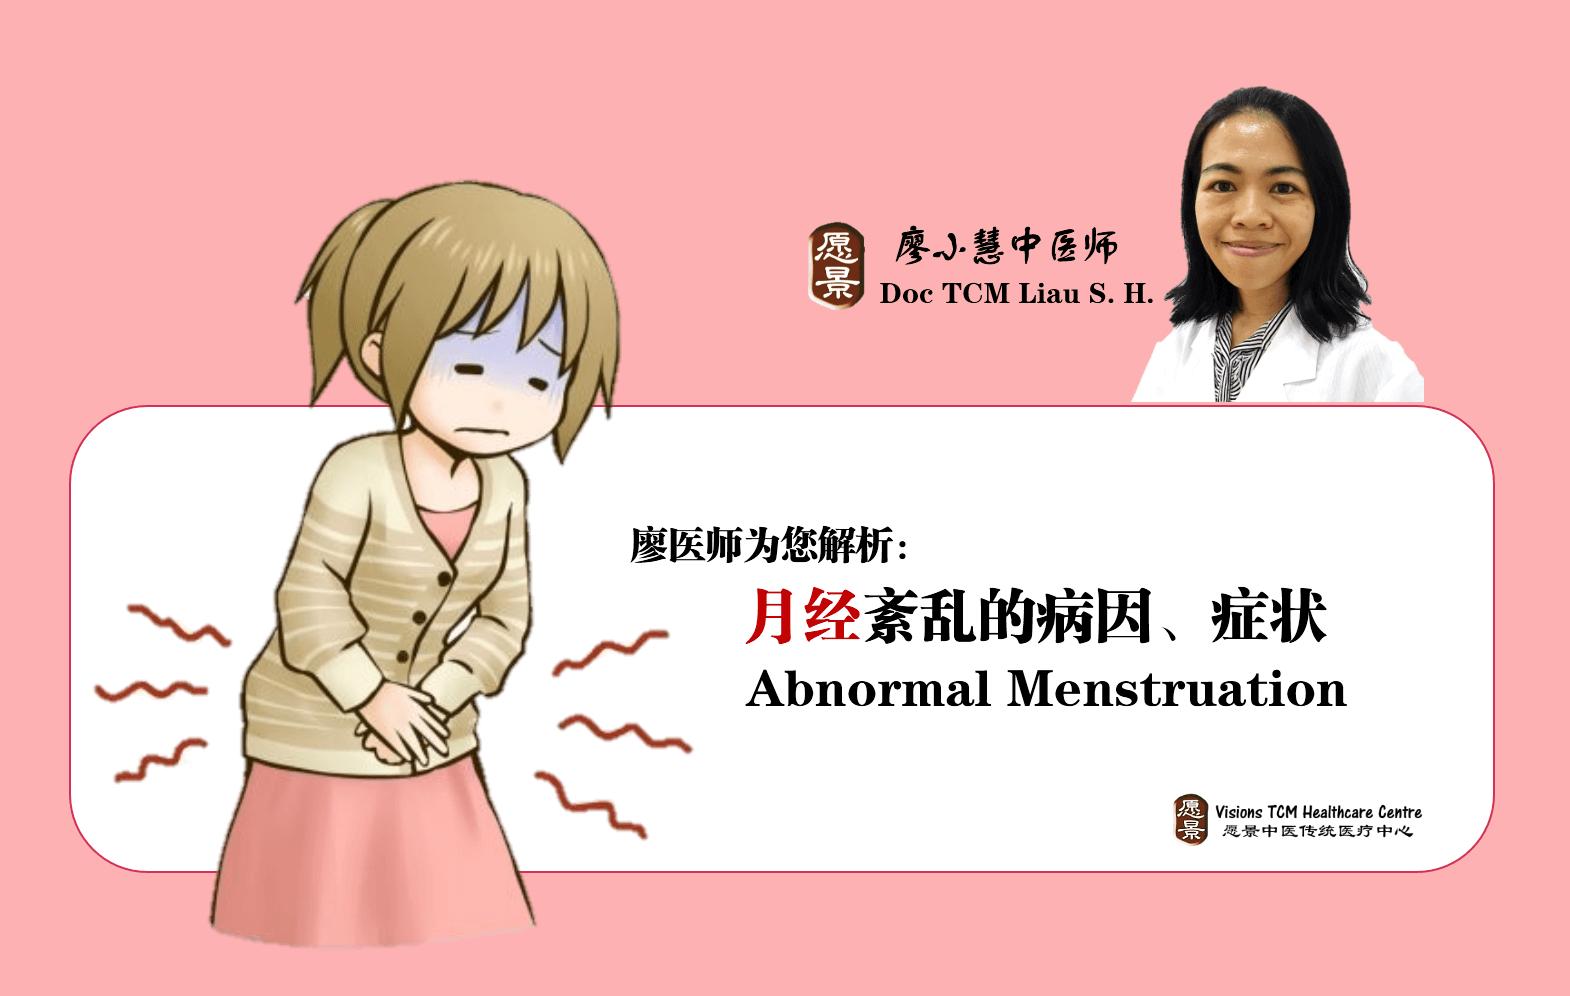 月经紊乱的病因以及症状/Abnormal menstruation – 廖小慧中医师